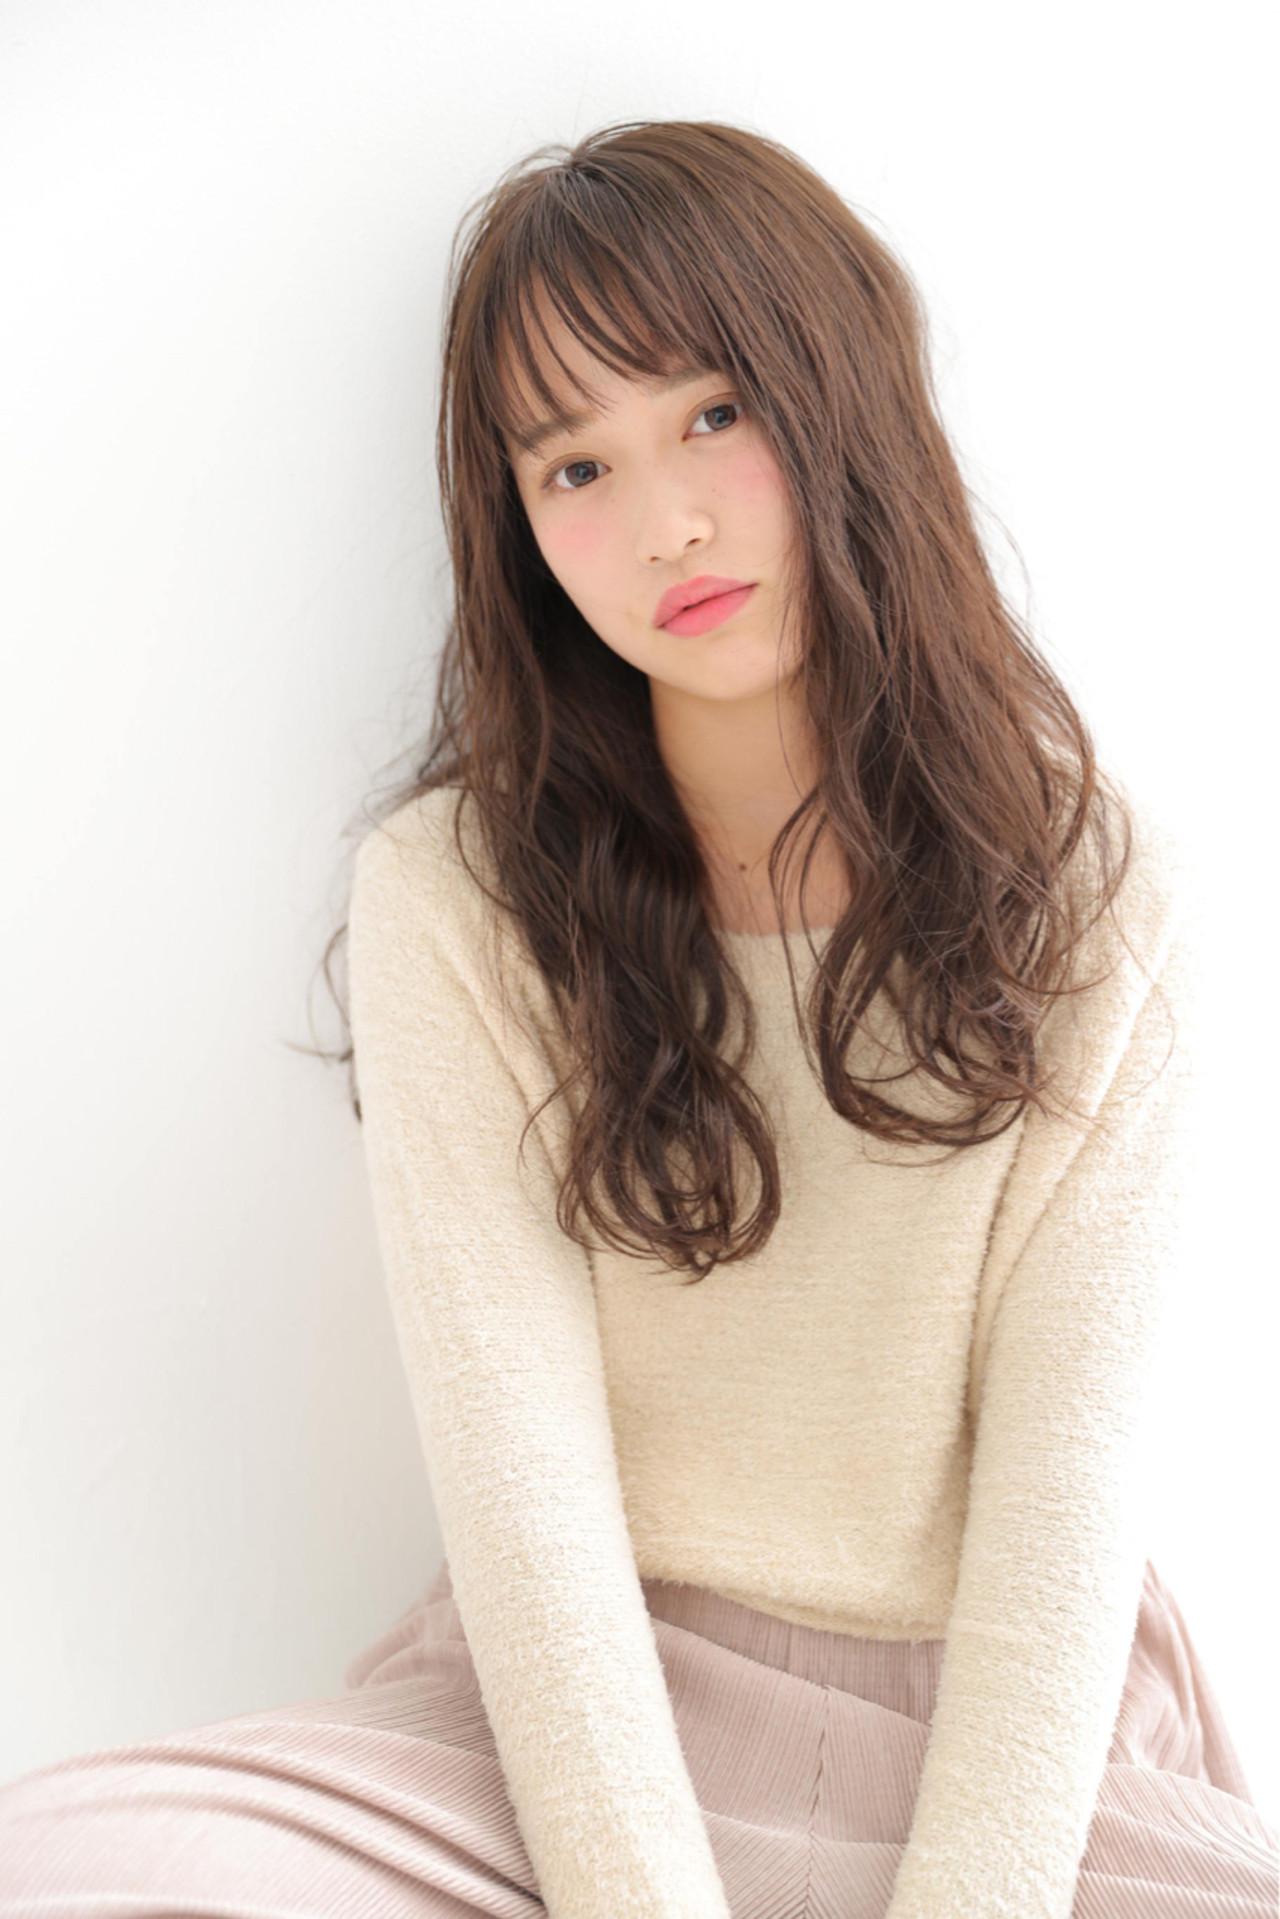 韓国発シースルーバングでピュア可愛く♡スタイル&アレンジ術 大谷 伶美 / brace